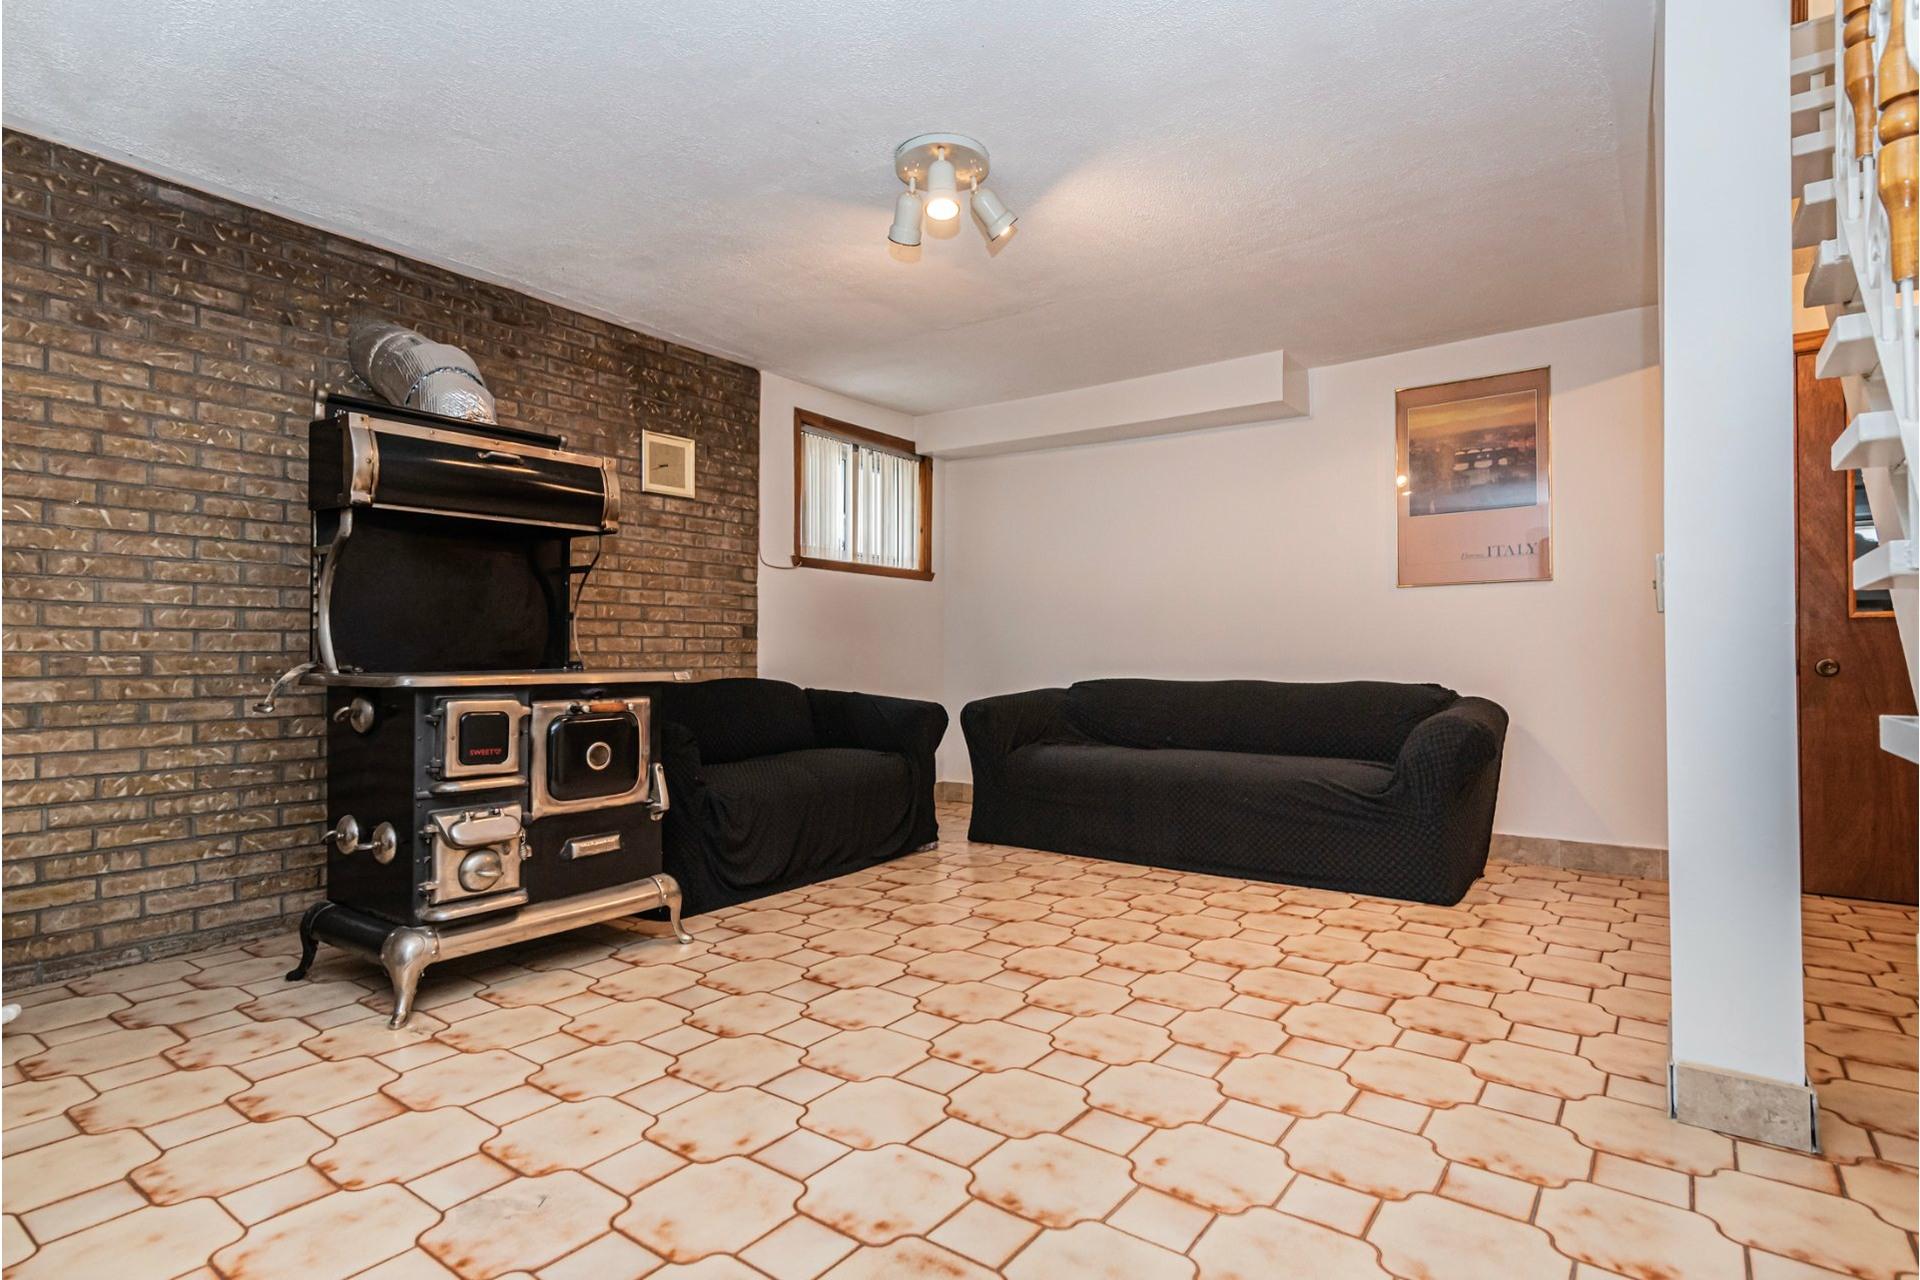 image 23 - Duplex For sale Saint-Léonard Montréal  - 9 rooms